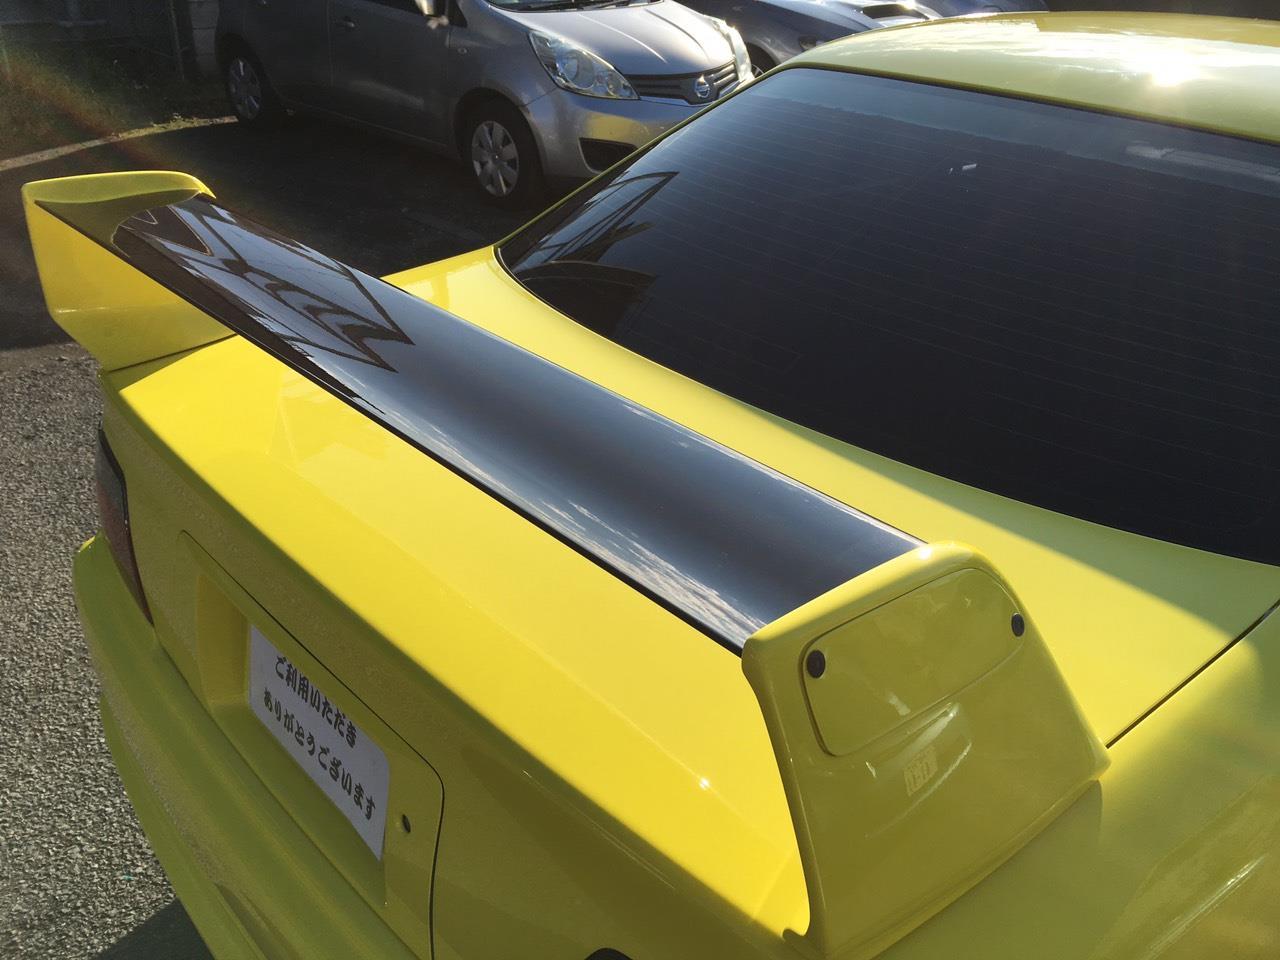 立川市の車の板金塗装修理工場 ガレージローライドのトヨタ チェイサーのオールペイント オールペン 全塗装 です。